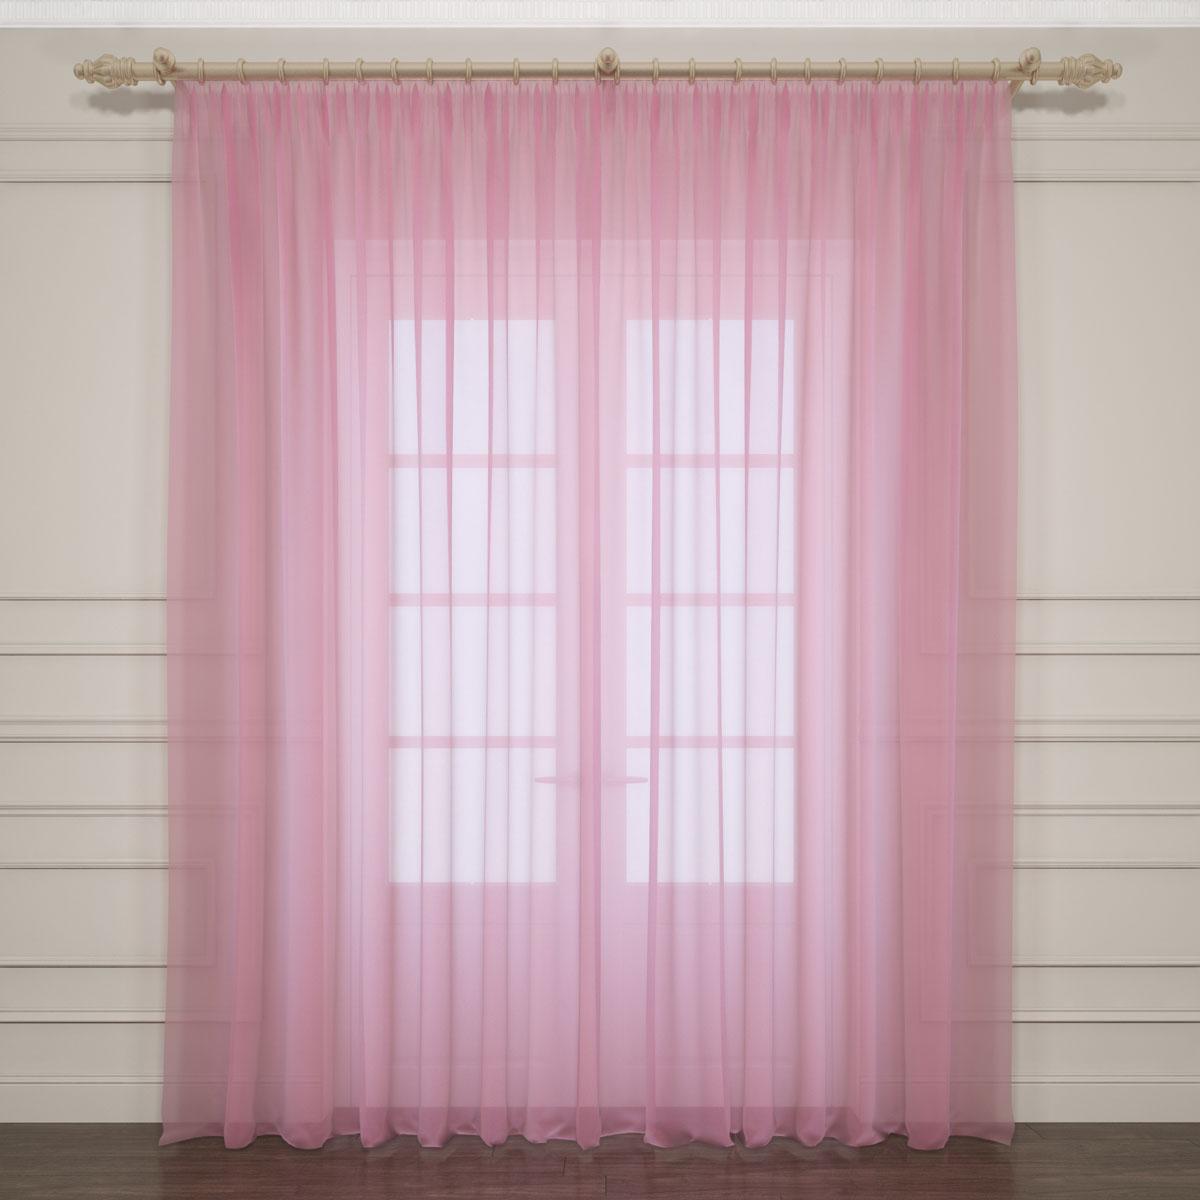 Комплект тюлей Сирень, на ленте, цвет: розовый, высота 260 см. 03761-ТЛ-ВЛ-00103761-ТЛ-ВЛ-001Тюли Сирень изготовлены из легкой парящей ткани - вуали. Благодаря прозрачности материала комплект создаст в комнате атмосферу спокойствия и гармонии и отлично украсит любое окно. Ткань хорошо держит форму и не требует специального ухода. Крепление на карниз при помощи шторной ленты на крючки. Рекомендации по уходу: стирка при 30°, гладить при температуре до 110°.